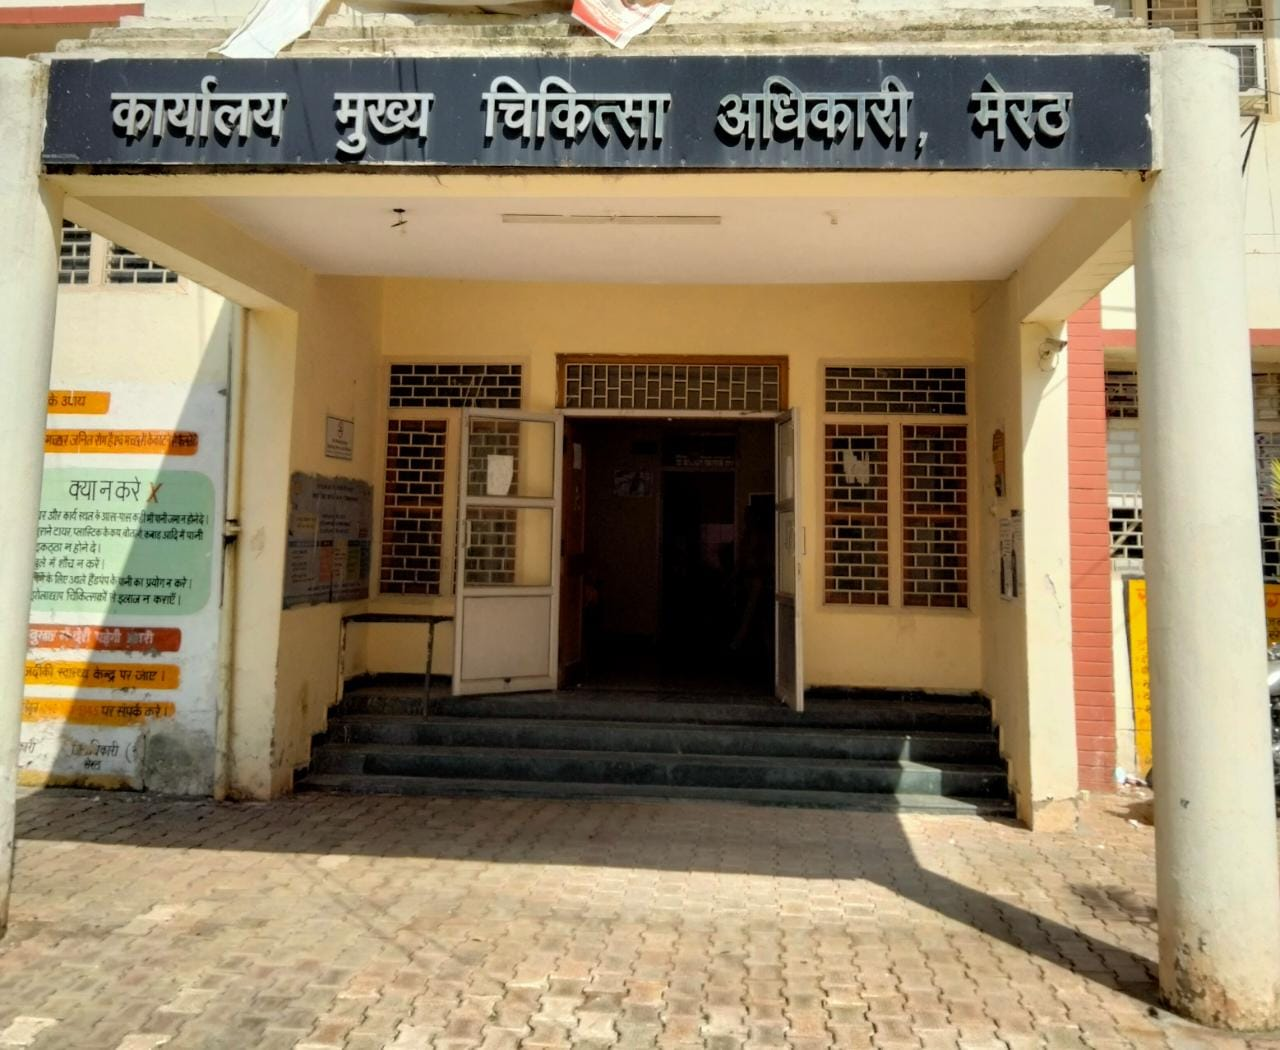 तत्कालीन सीएमओ, अपर निदेशक समेत 17 के खिलाफ मेरठ में दर्ज हुआ है केस, ज्यादातर अफसर अब रिटायर हो चुके हैं मेरठ,Meerut - Dainik Bhaskar